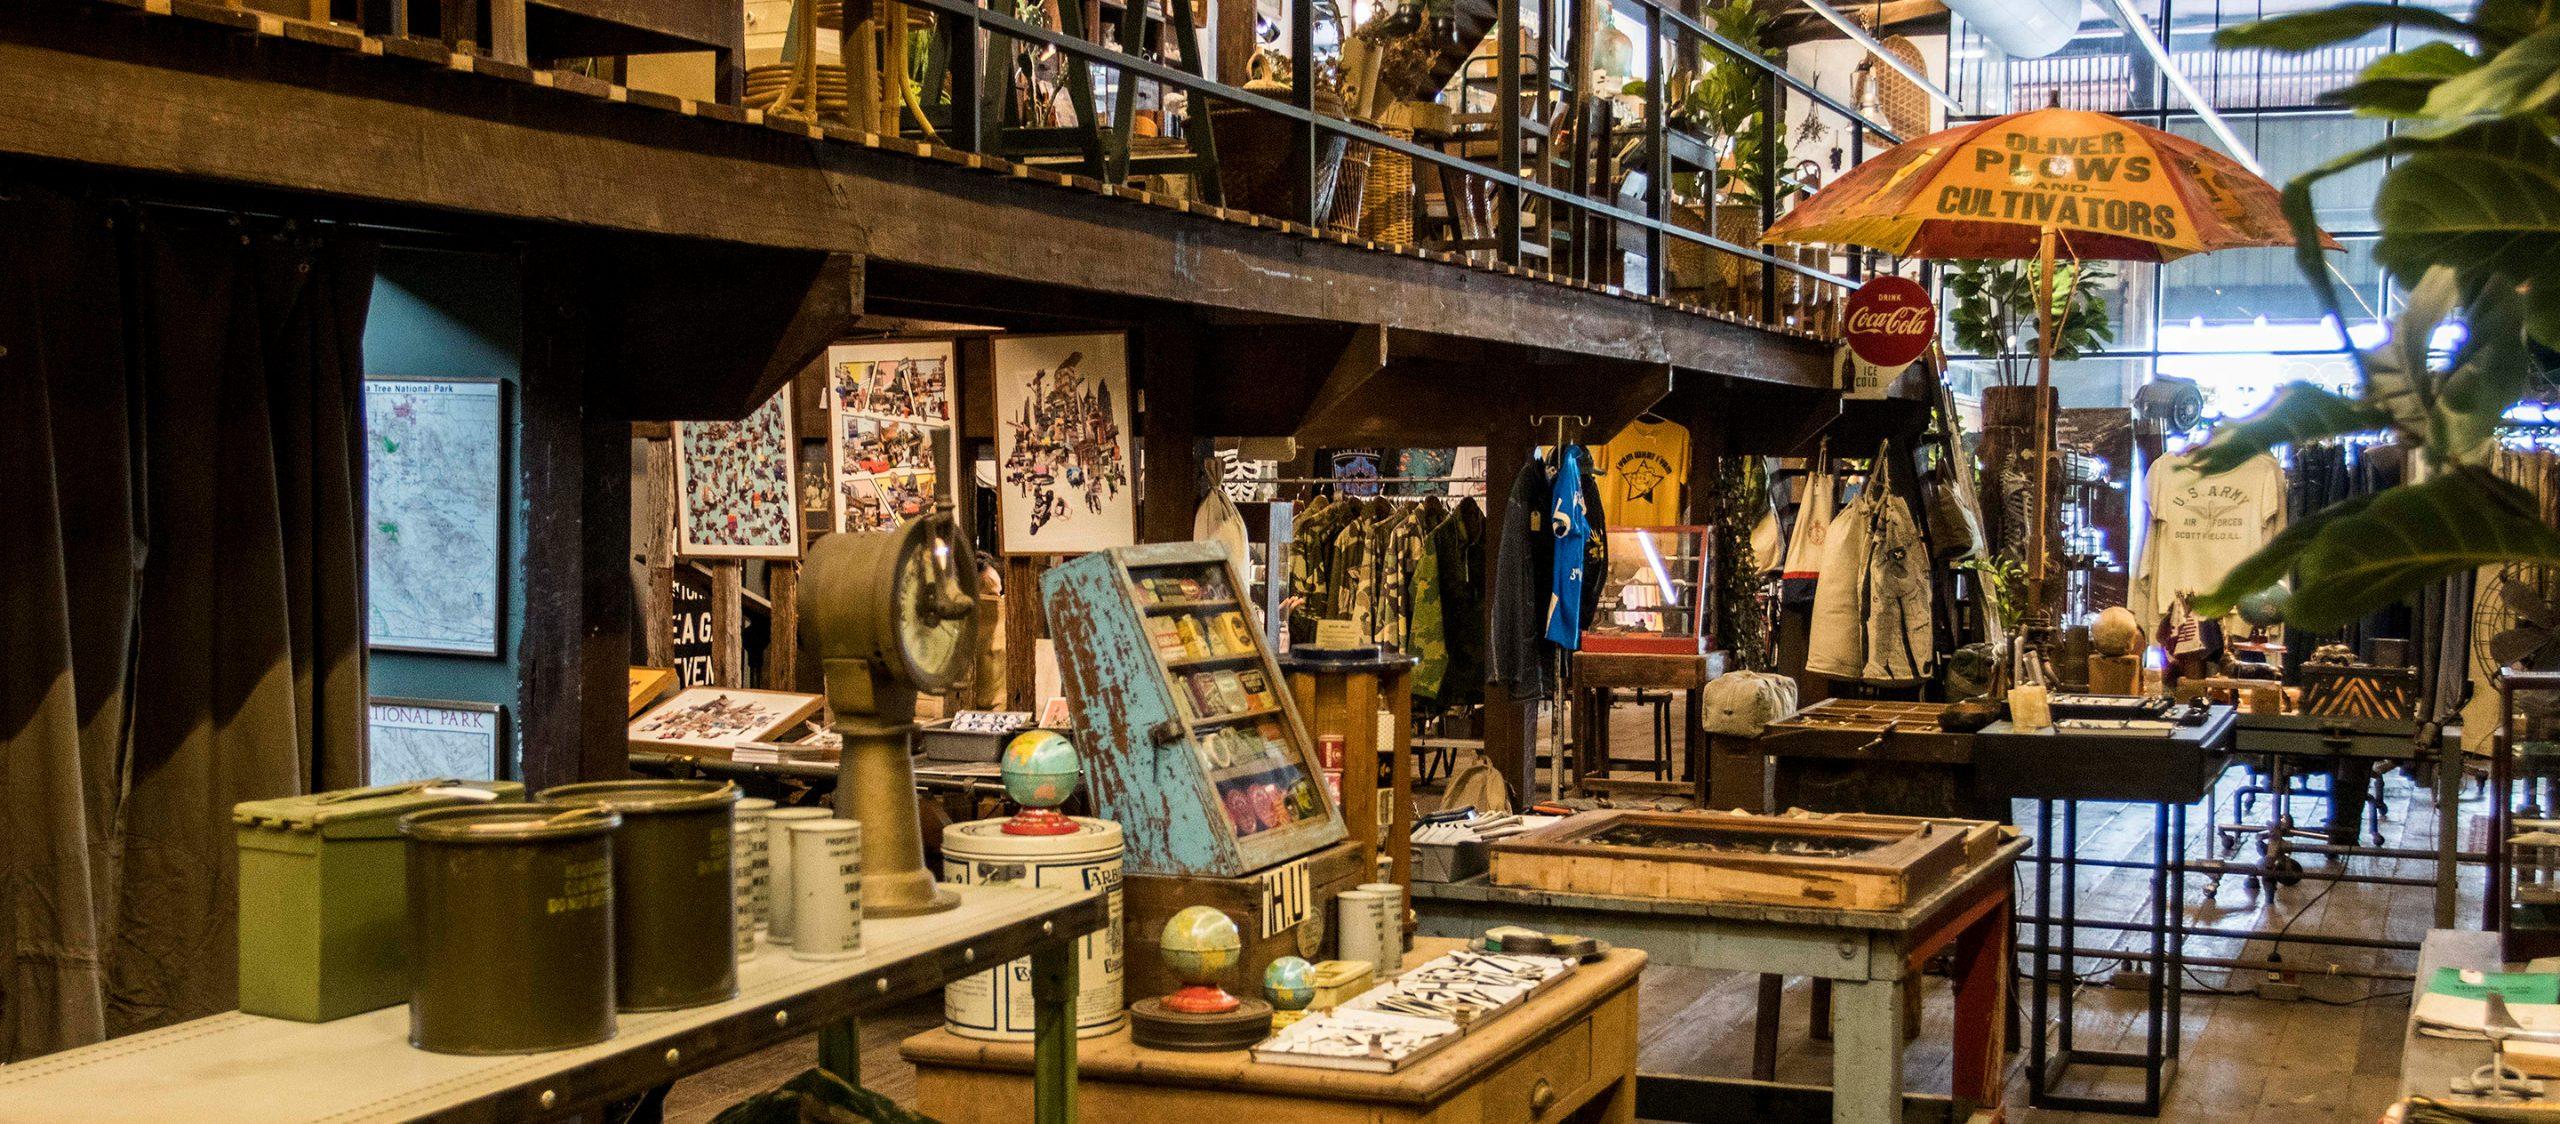 Horse Unit และ Woot Woot Store ร้านวินเทจในร้านวินเทจที่มีตั้งแต่ชุดทหารอเมริกันยันไม้กวาดญี่ปุ่น